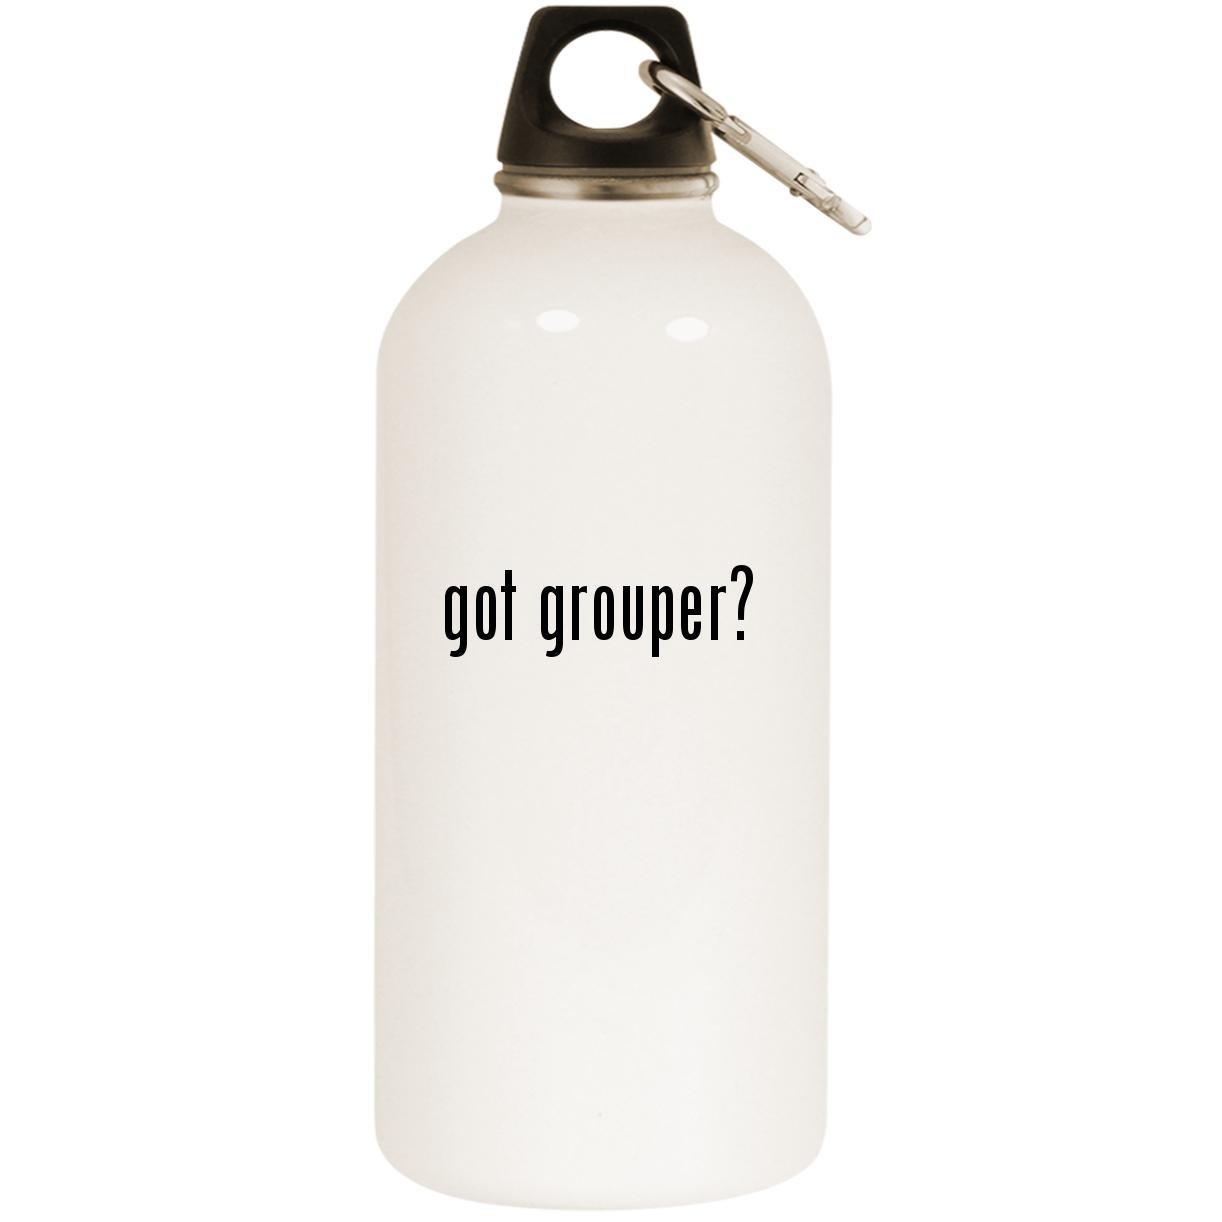 【超ポイントバック祭】 Got – Grouper B0741GH2SP – ホワイト20ozステンレススチールウォーターボトルカラビナ Got B0741GH2SP, LLSlucky life support:7f2c63e9 --- a0267596.xsph.ru